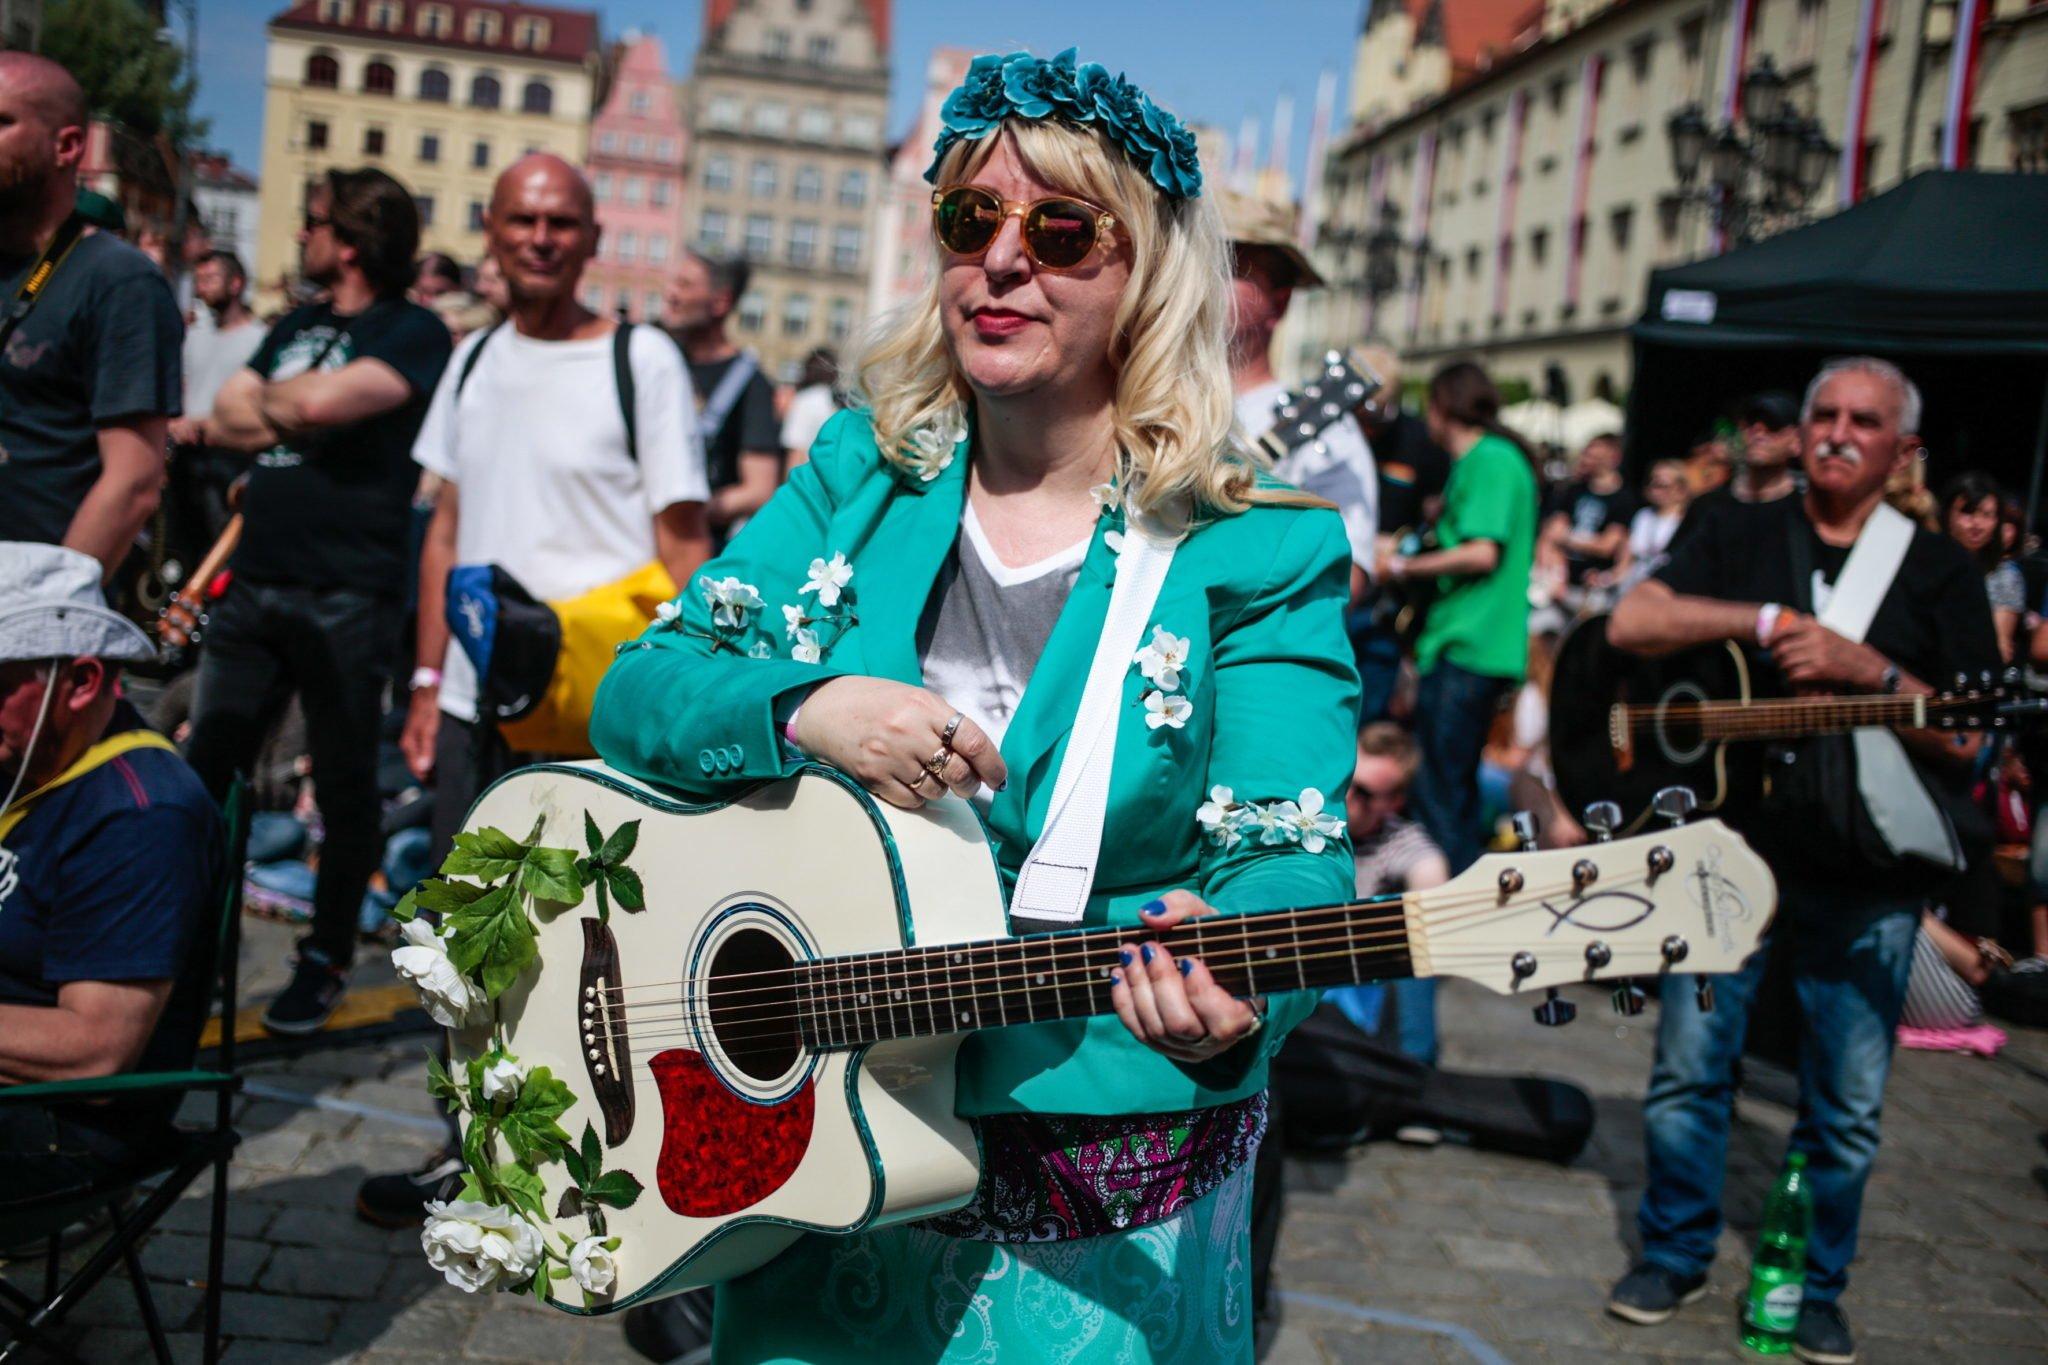 Wrocław: Gitarowy Rekord Guinnessa na wrocławskim Rynku. Udało się pobić ustanowiony w 2016 r. gitarowy Rekord Guinnessa.